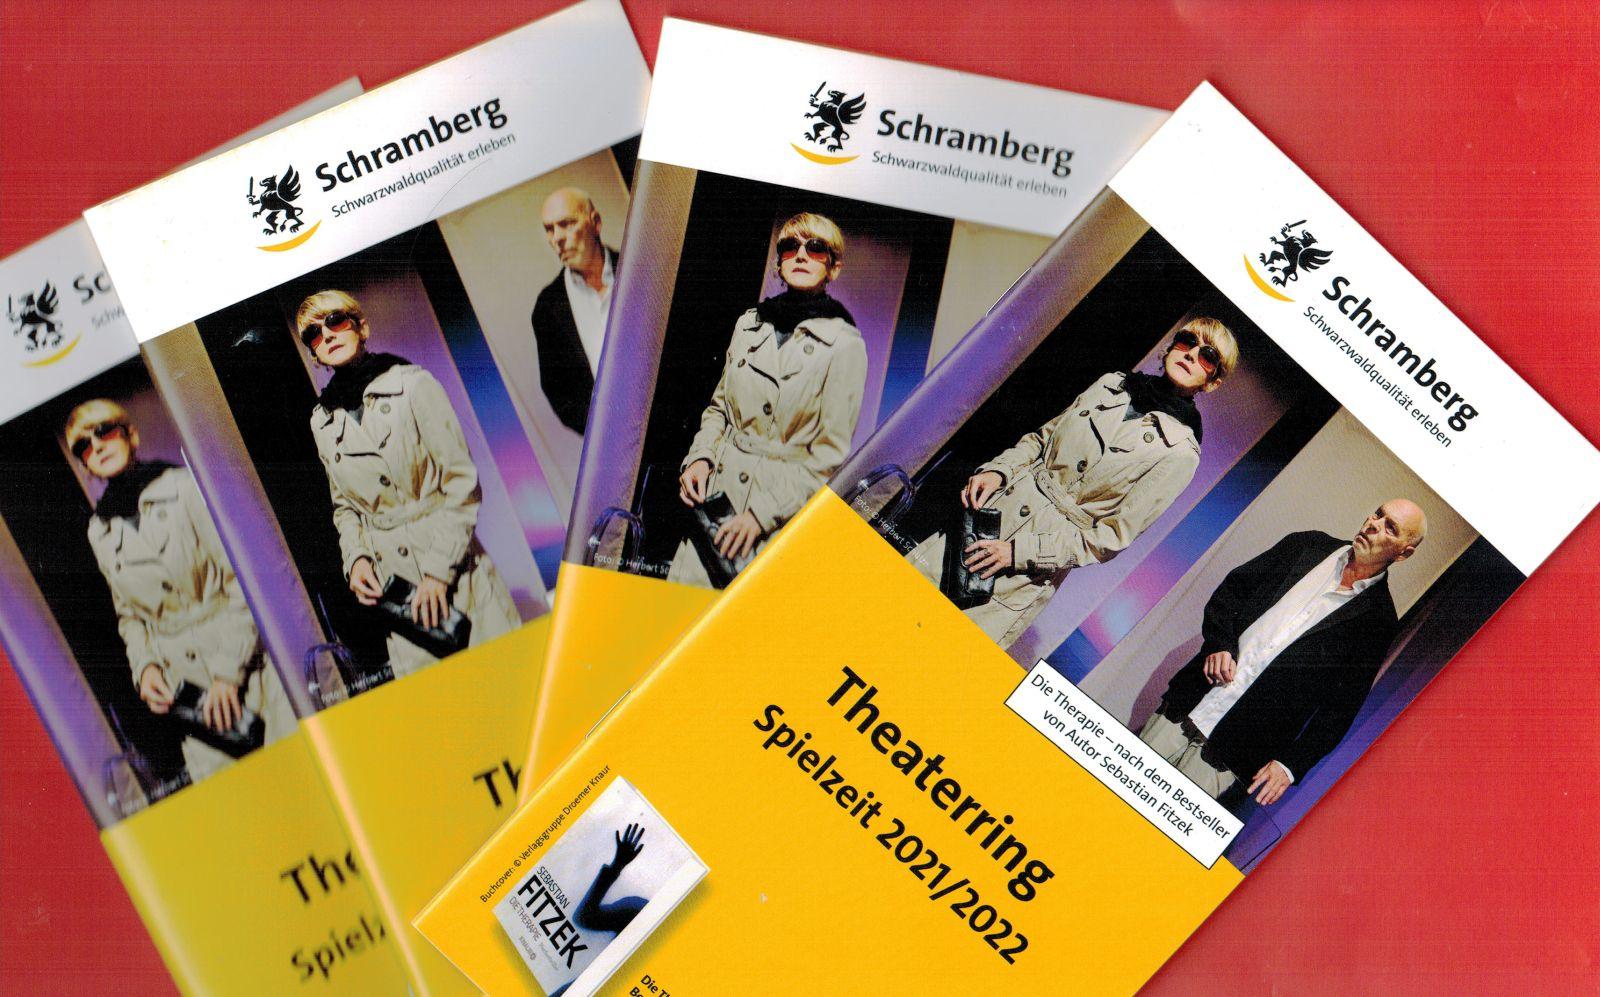 Die neue Theater-Saison in Schramberg verspricht abwechslungsreich zu werden.  Foto: him